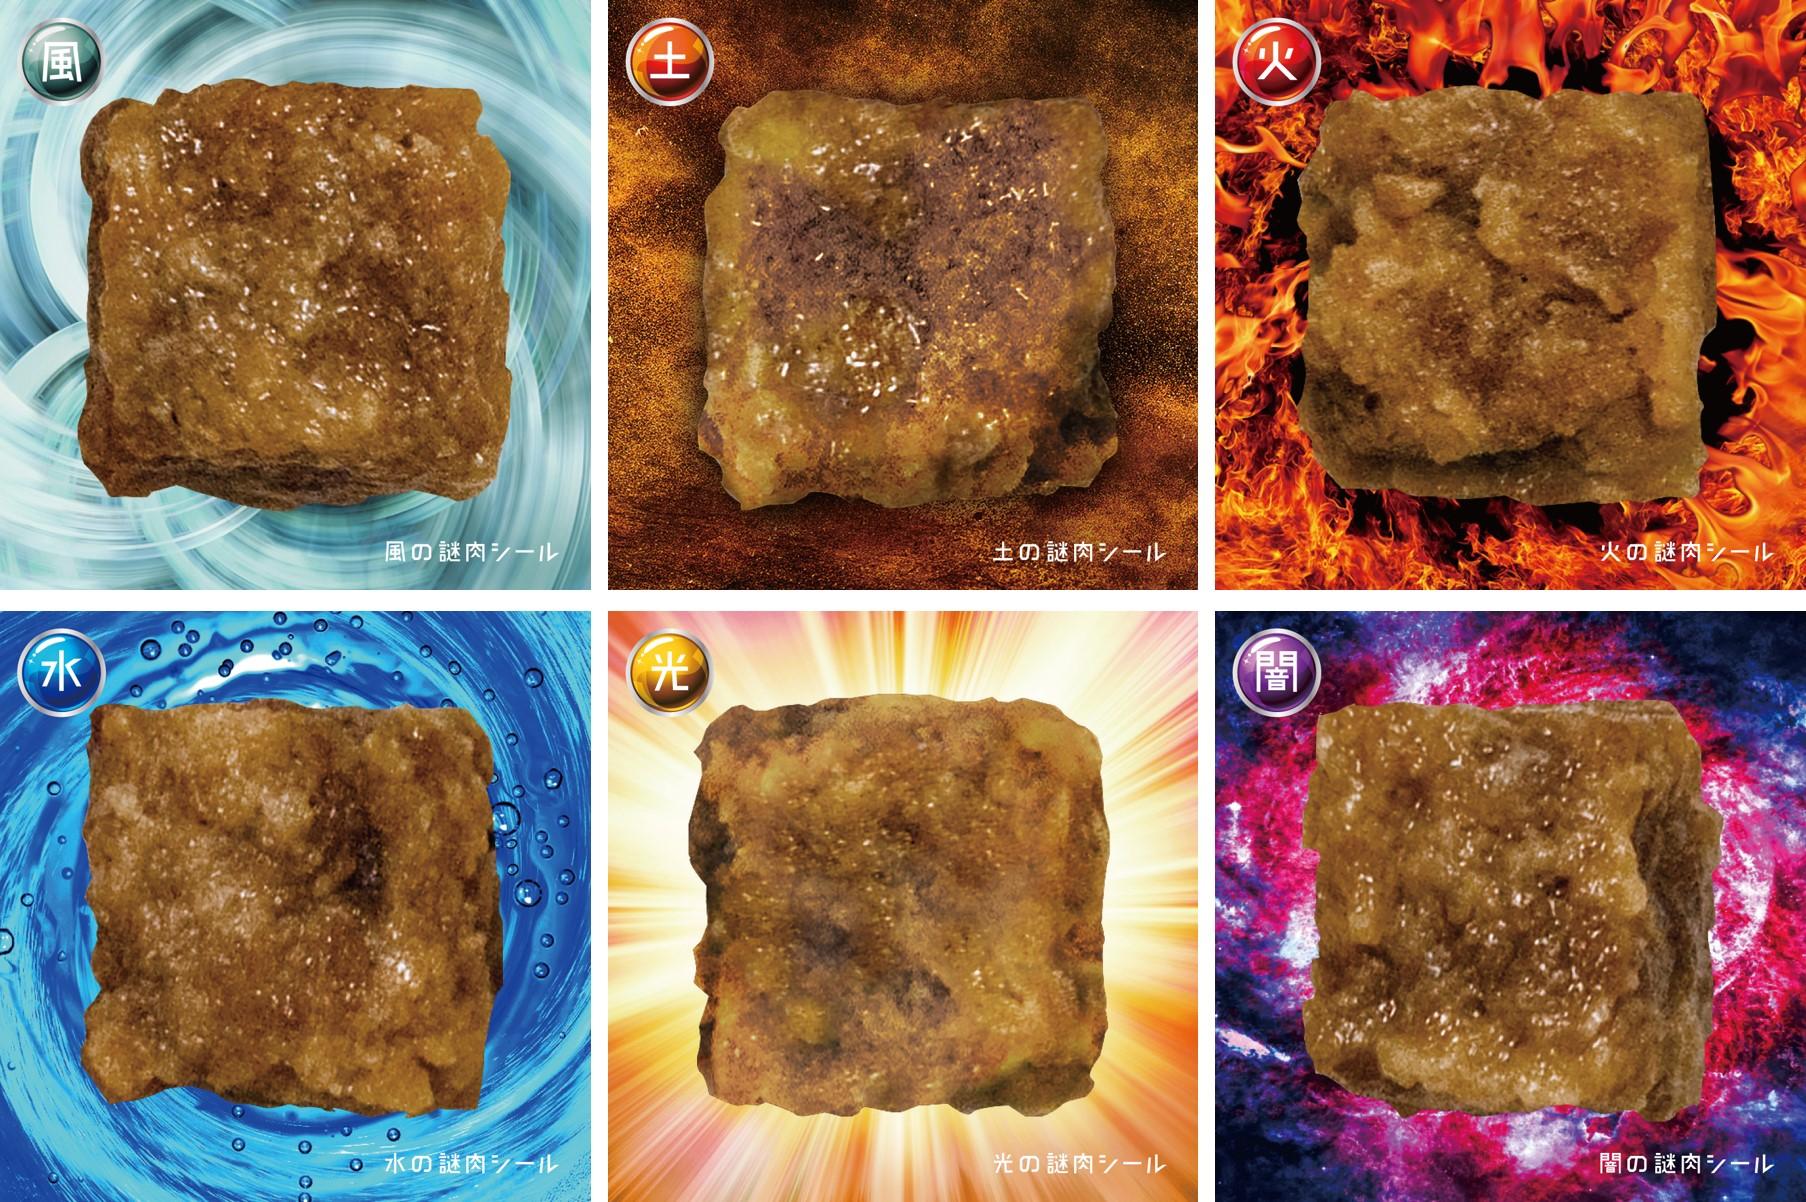 「謎肉丼」と「謎肉キューブ」